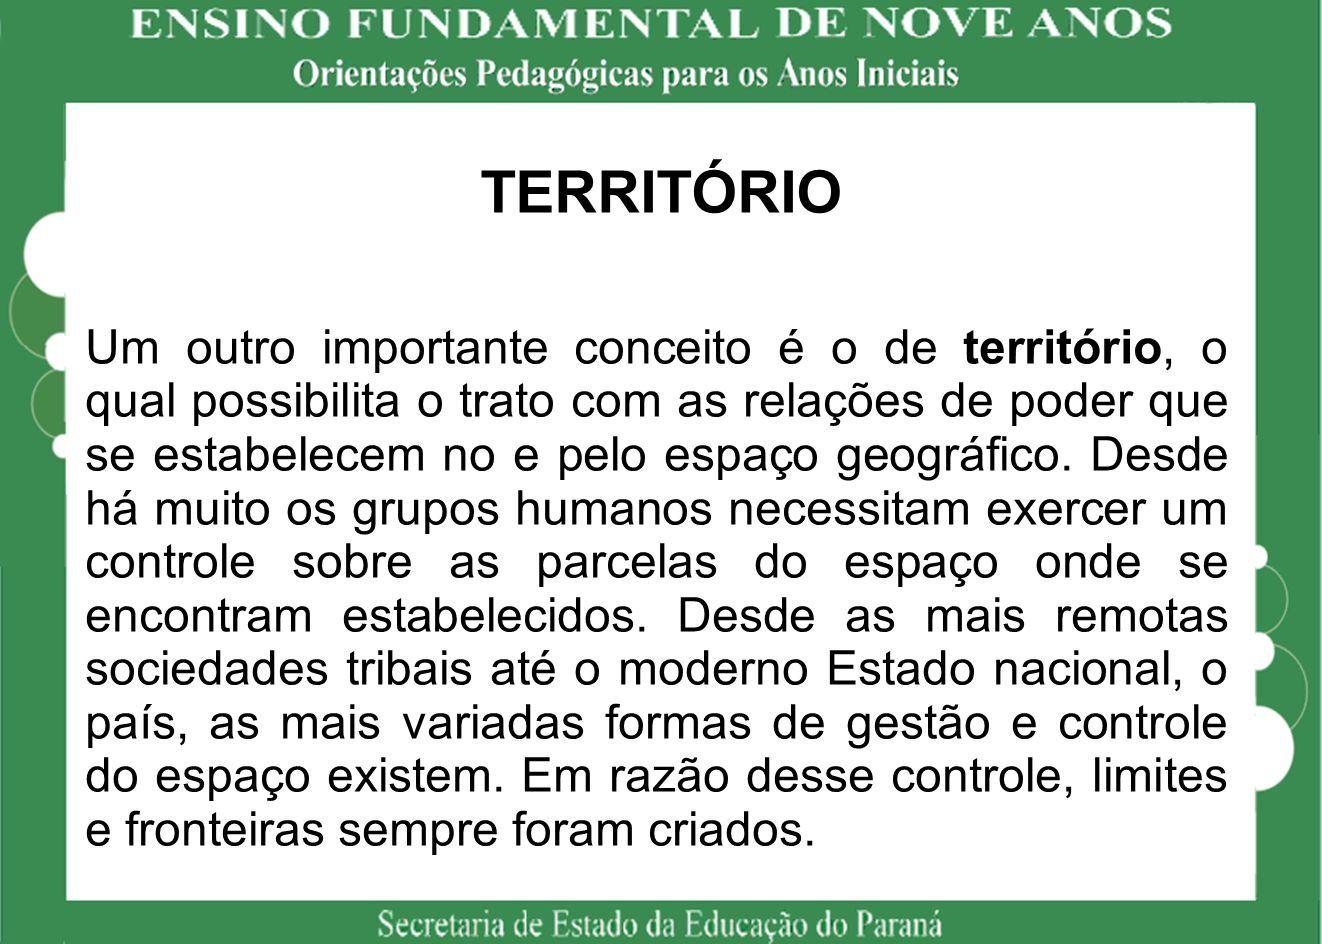 TERRITÓRIO Um outro importante conceito é o de território, o qual possibilita o trato com as relações de poder que se estabelecem no e pelo espaço geográfico.